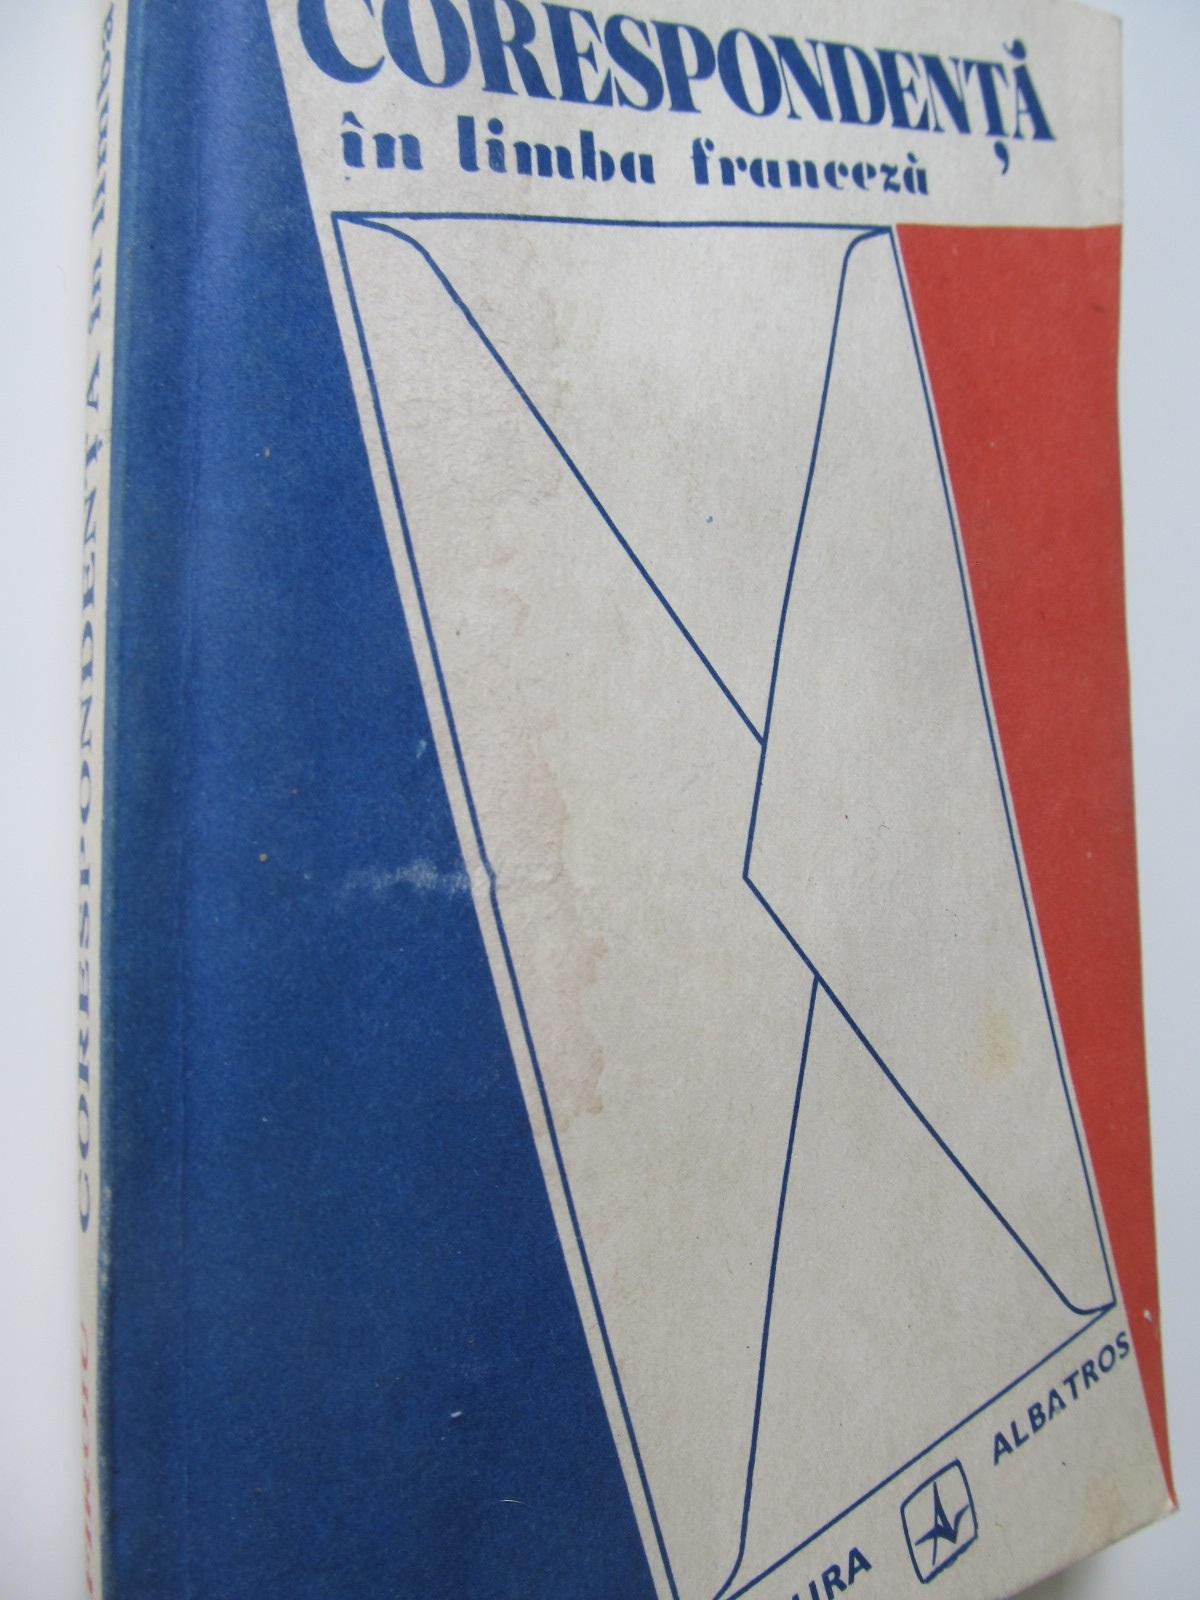 Corespondenta in limba Franceza - Ana Firoiu | Detalii carte